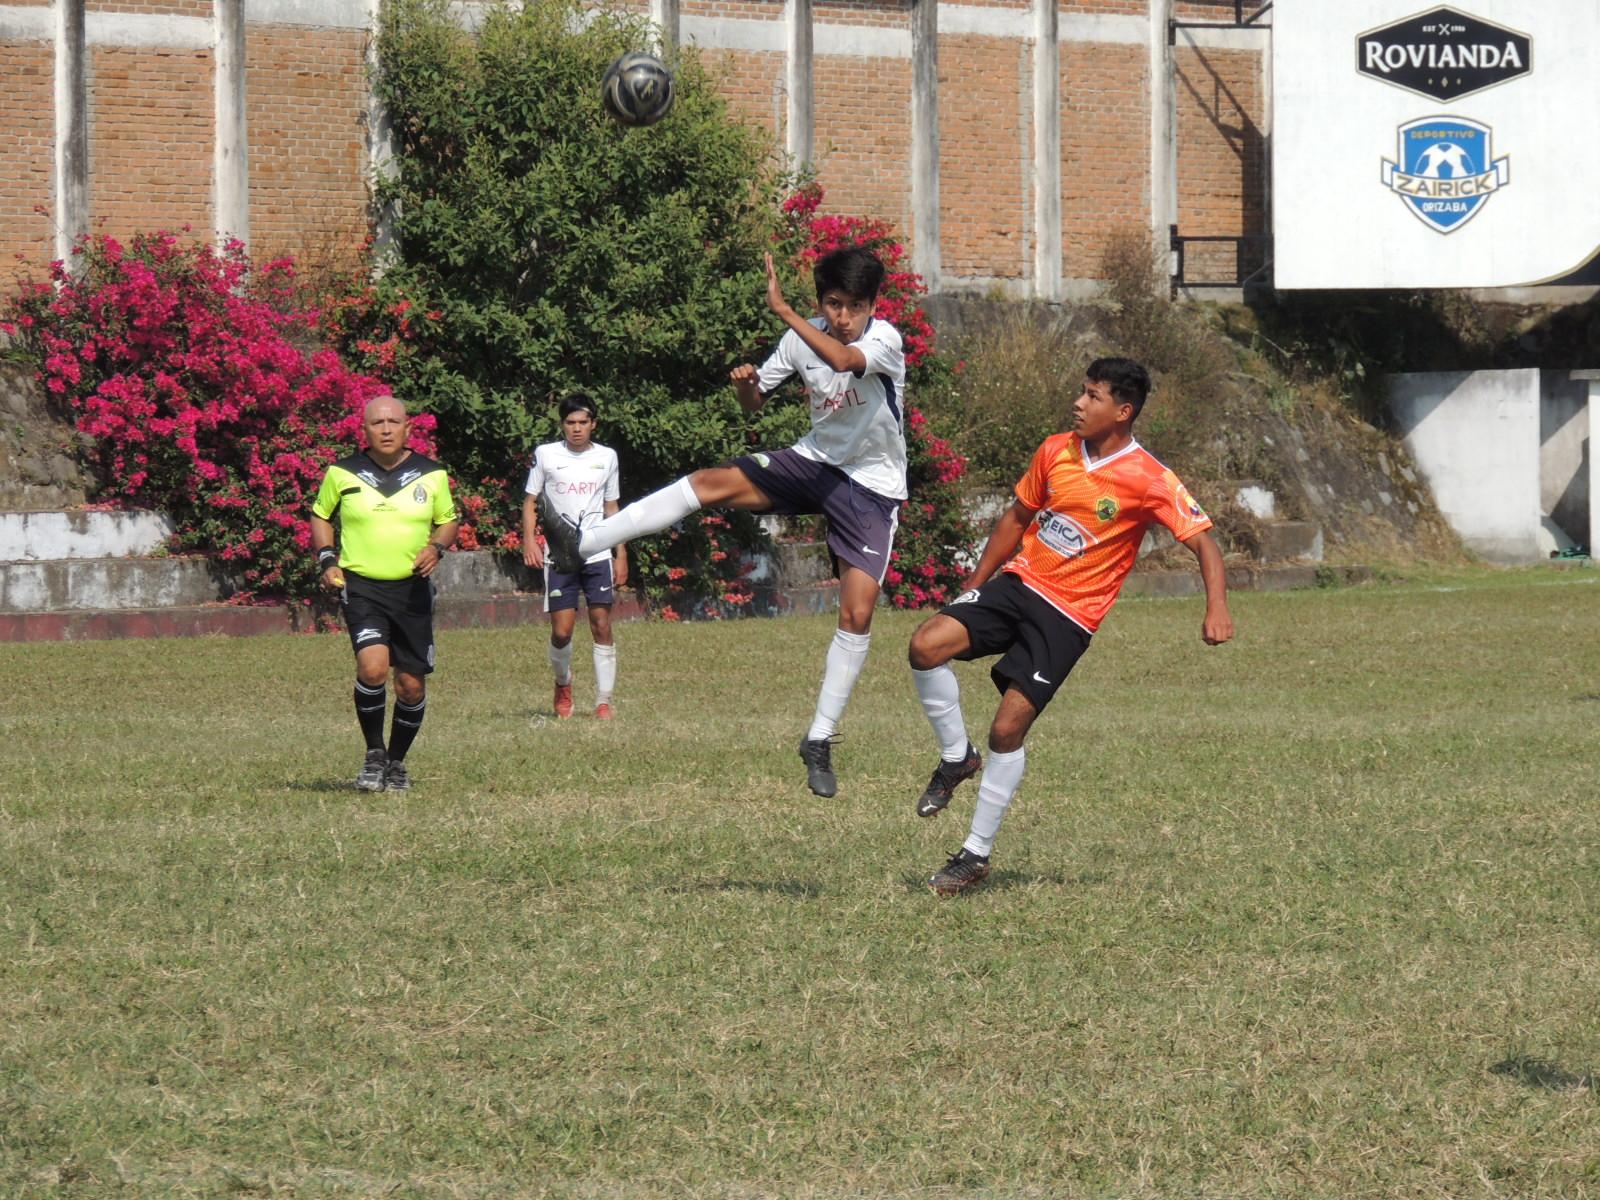 Continúa Centro de Formación Orizaba invicto dentro de la Cuarta División de futbol